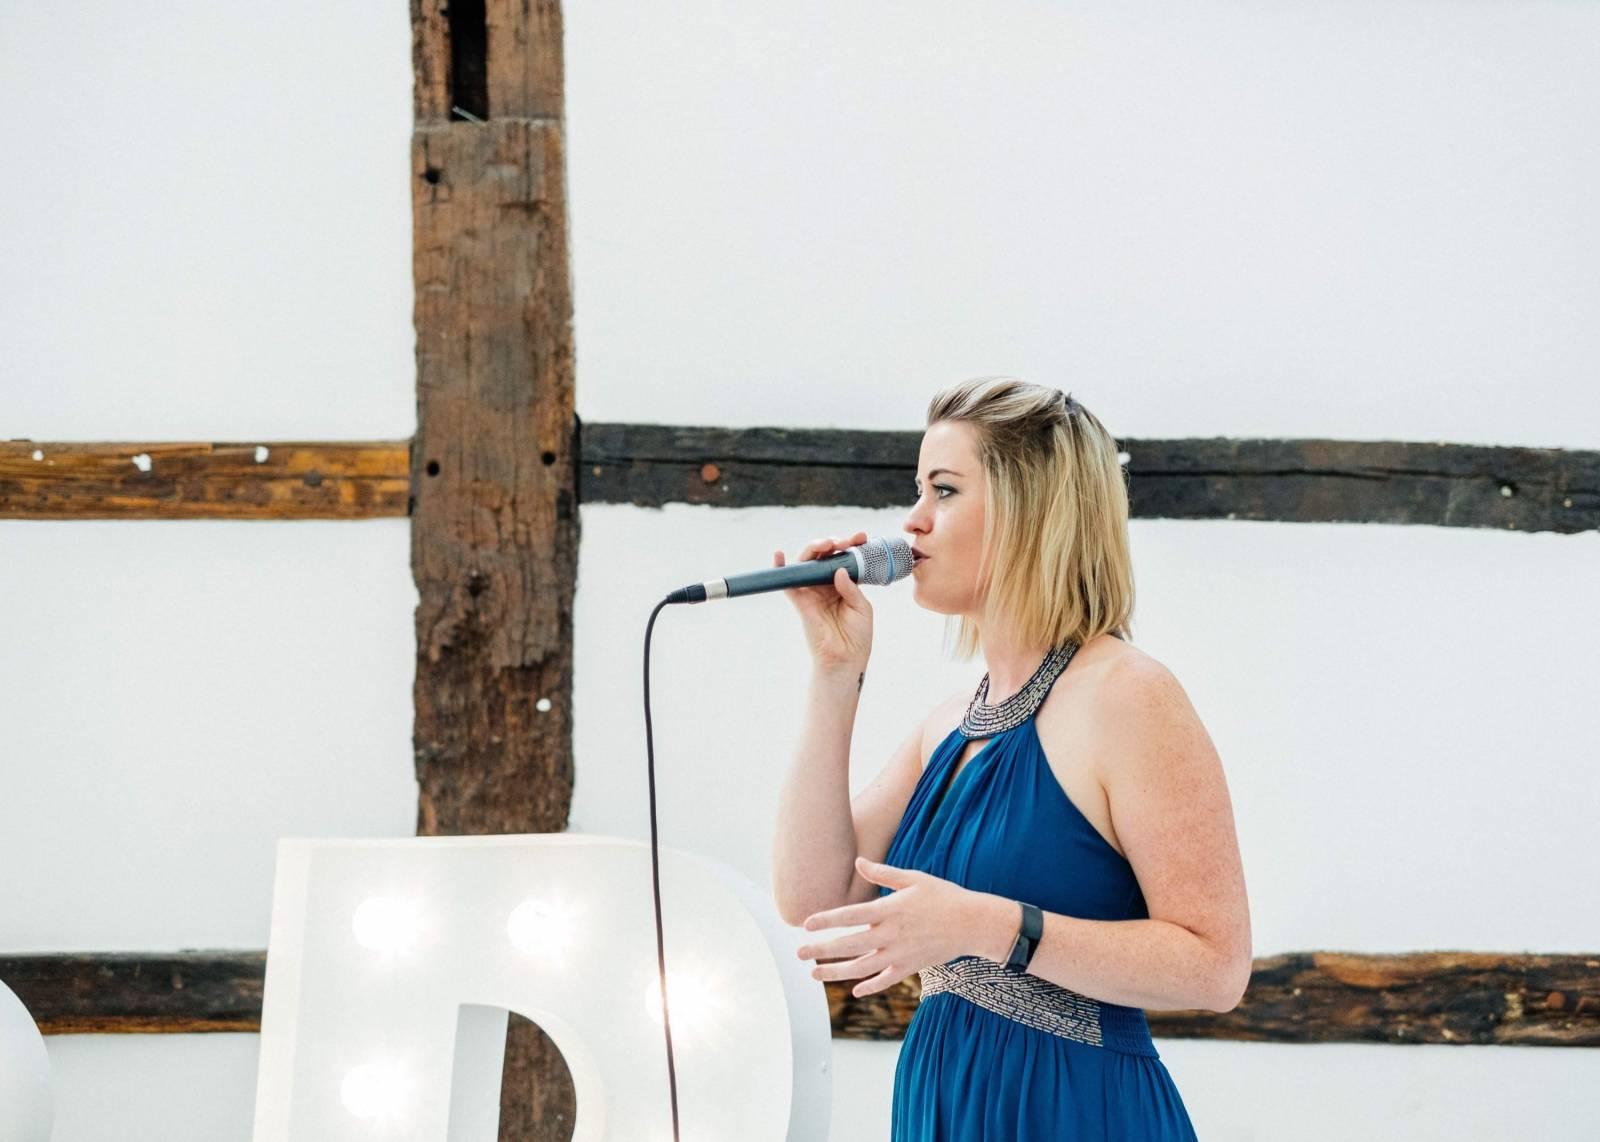 Zina - Ceremoniemuziek - Live muziek - Zangeres - Huwelijk - Trouw - Bruiloft - House of Weddings - 16